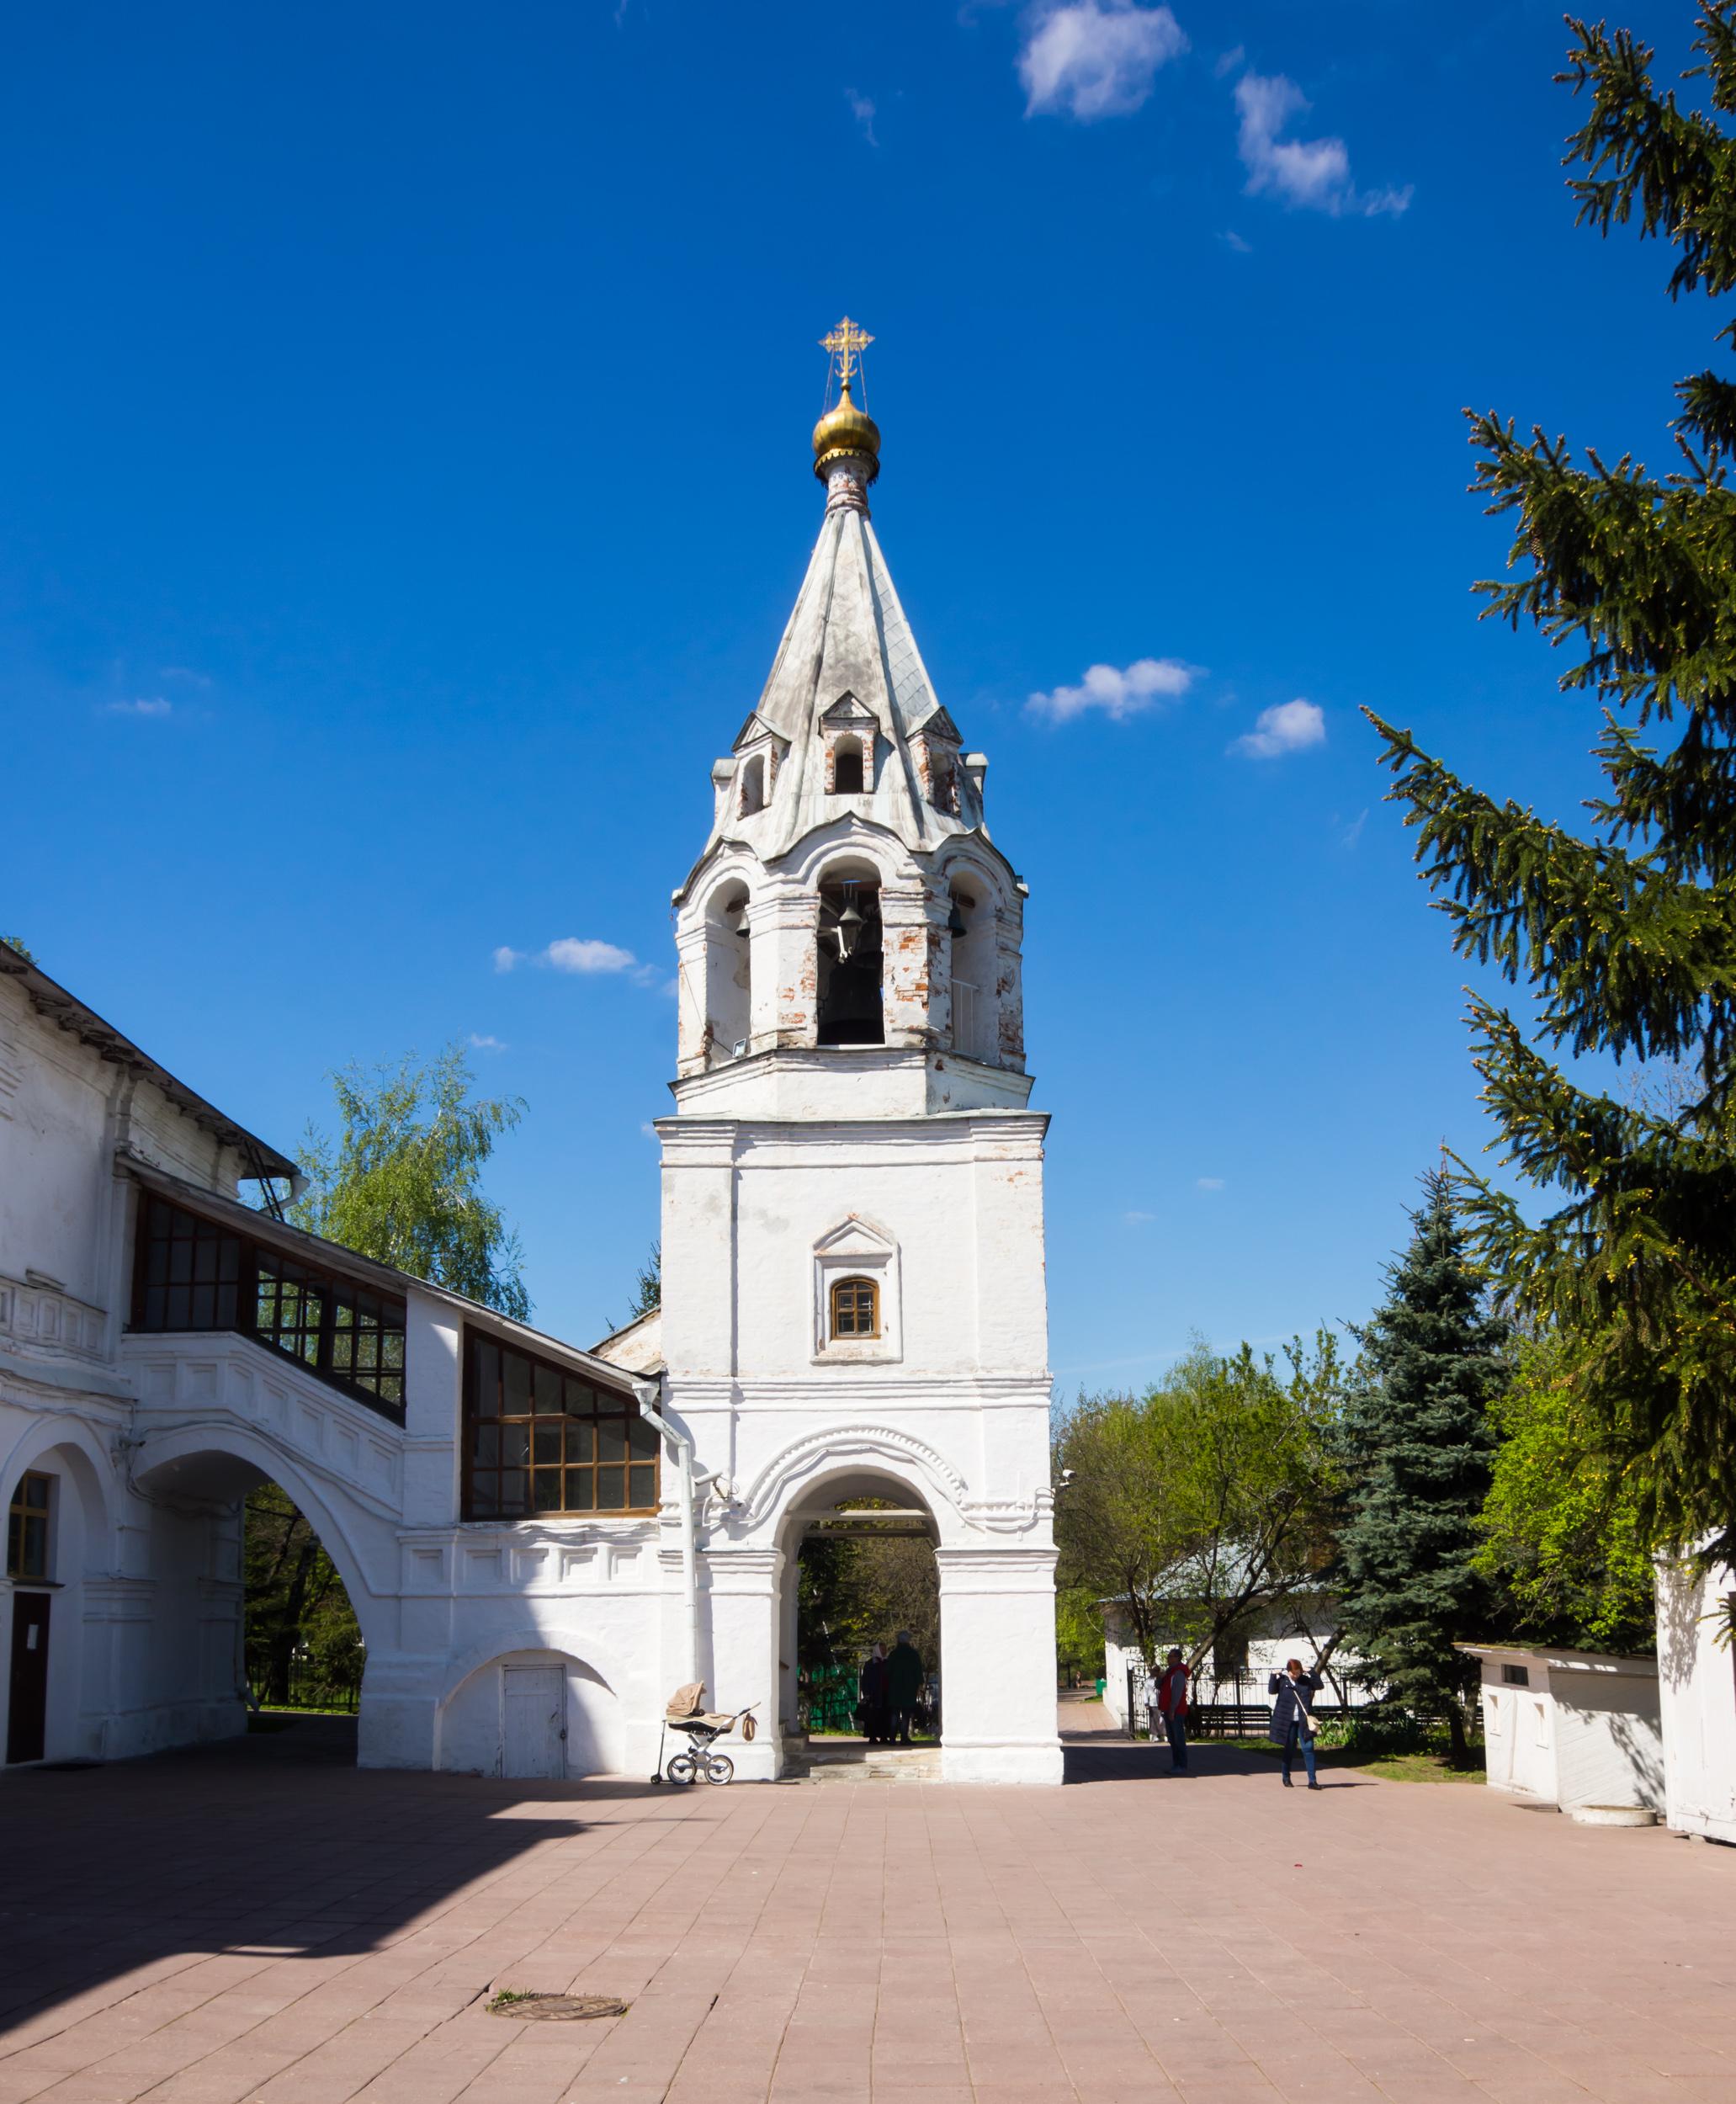 Колокольня церкви Казанской иконы Божией Матери в Коломенском